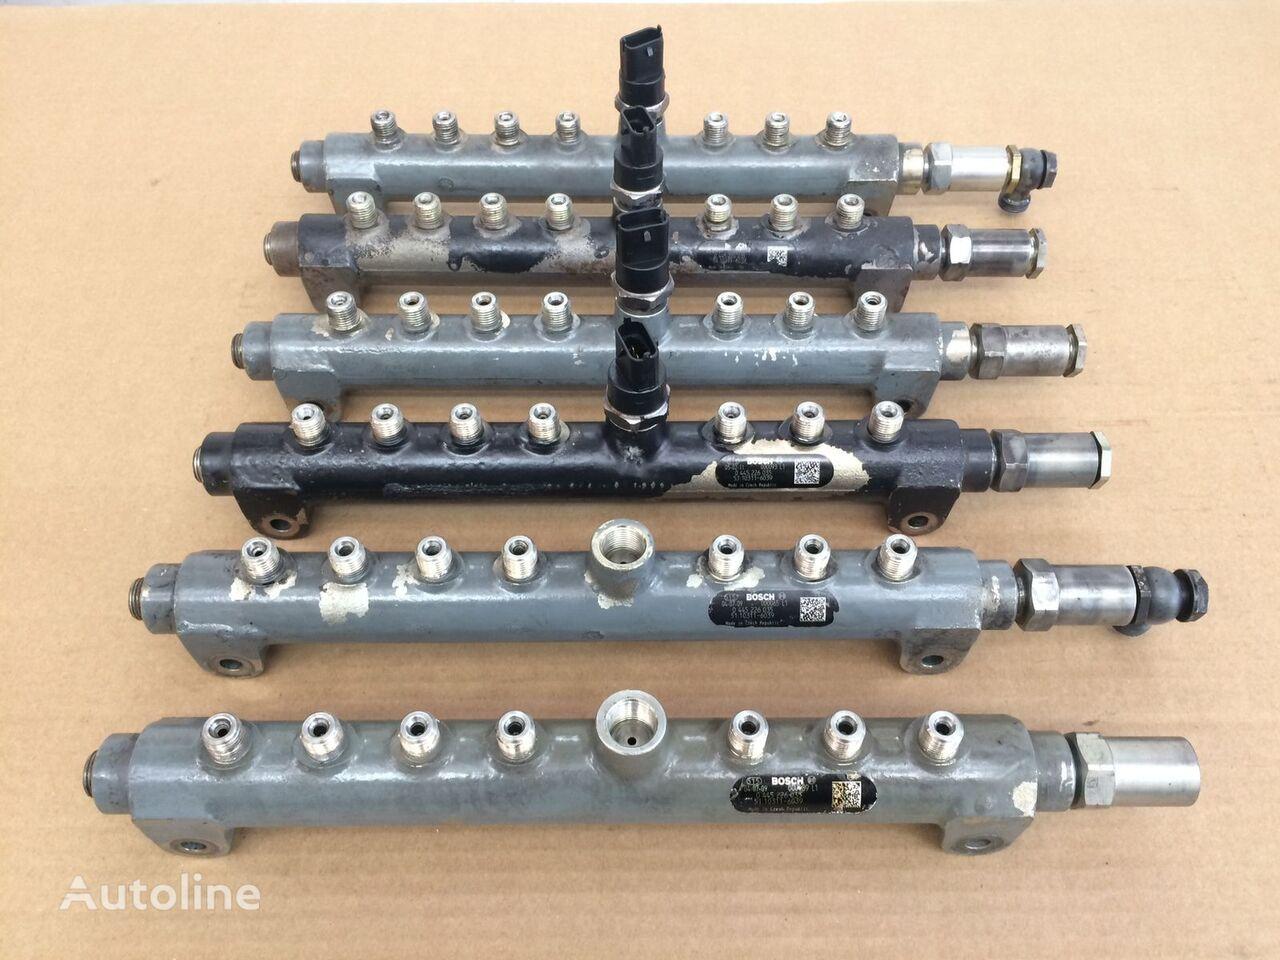 BOSCH - TUBO PRESSIONE COMMON RAIL - per bus e injector for MAN truck